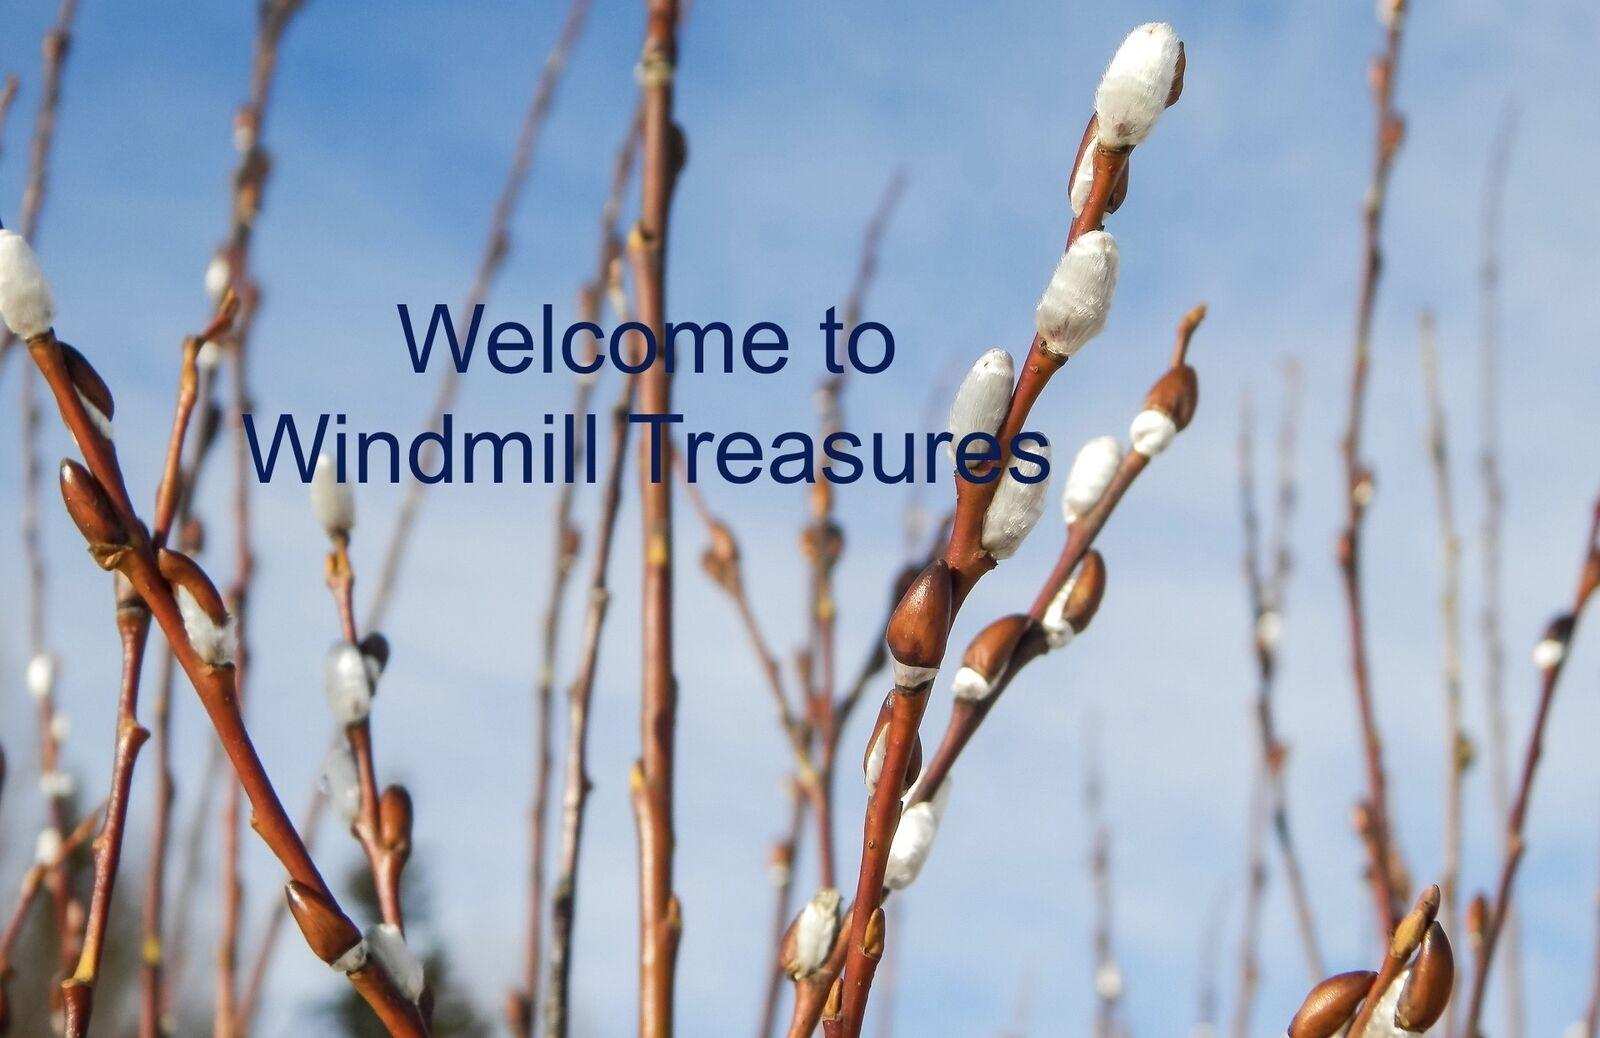 Windmill Treasures